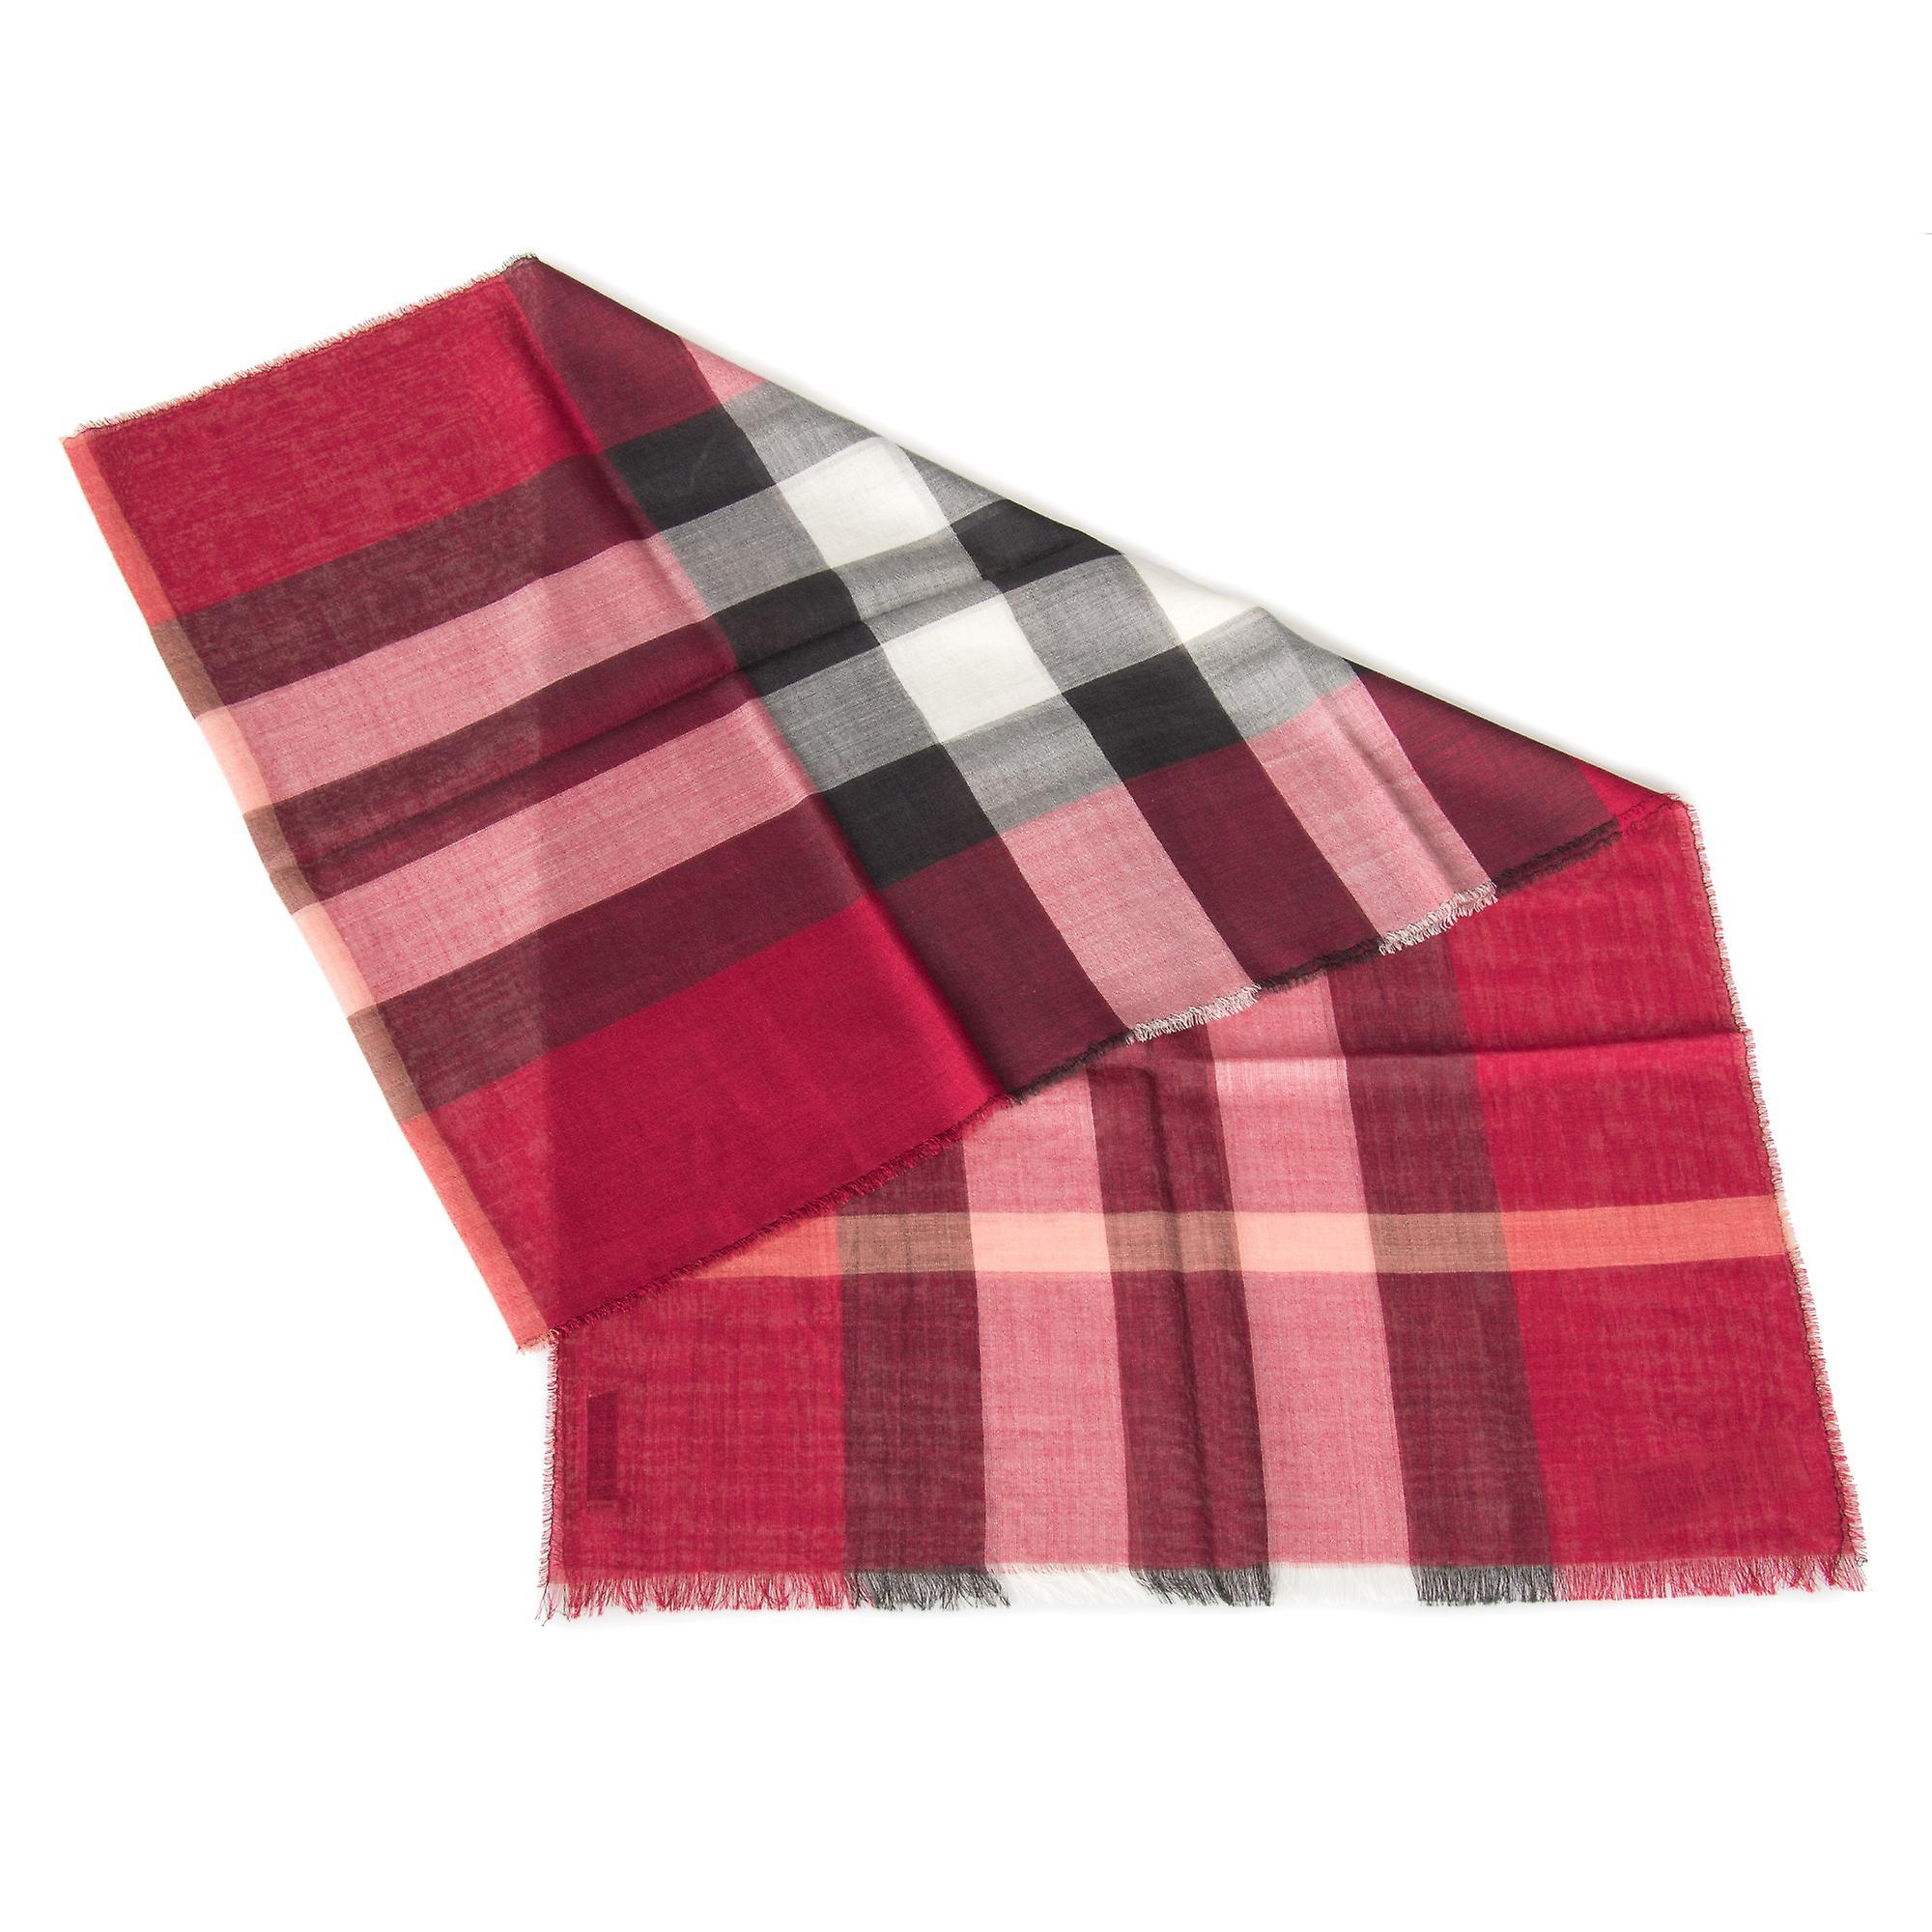 Burberry lett av ull og silkeskjerf | Crimson Red